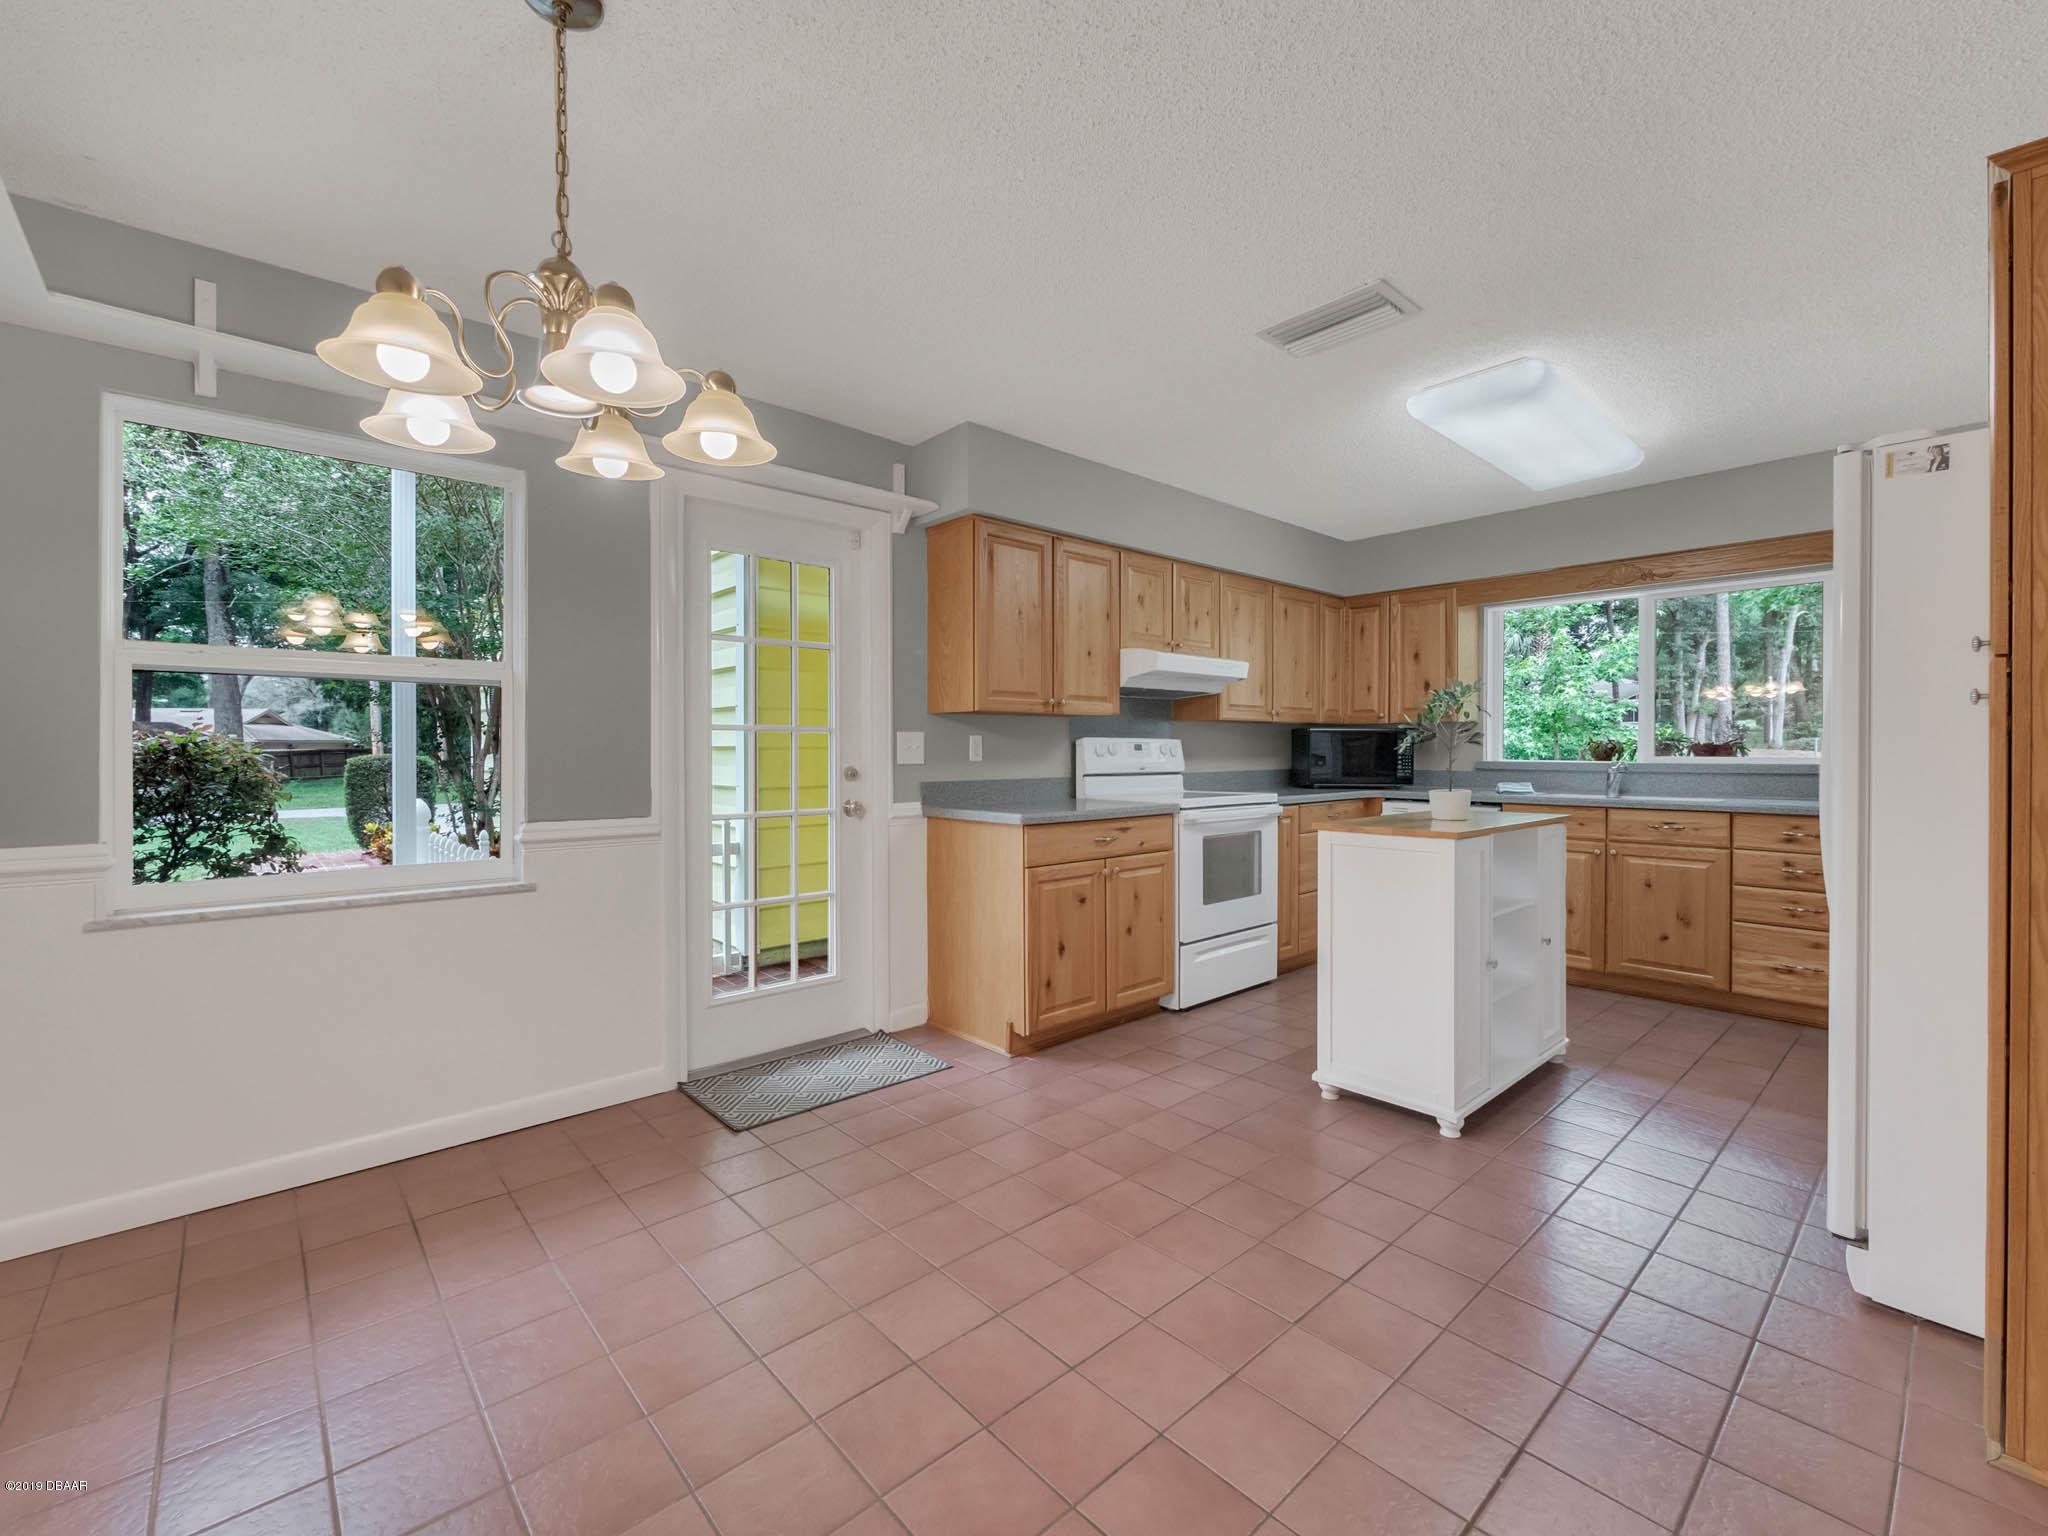 1701 Foelker Road, DeLand, FL 32724 (MLS# 1057731) | Ormond